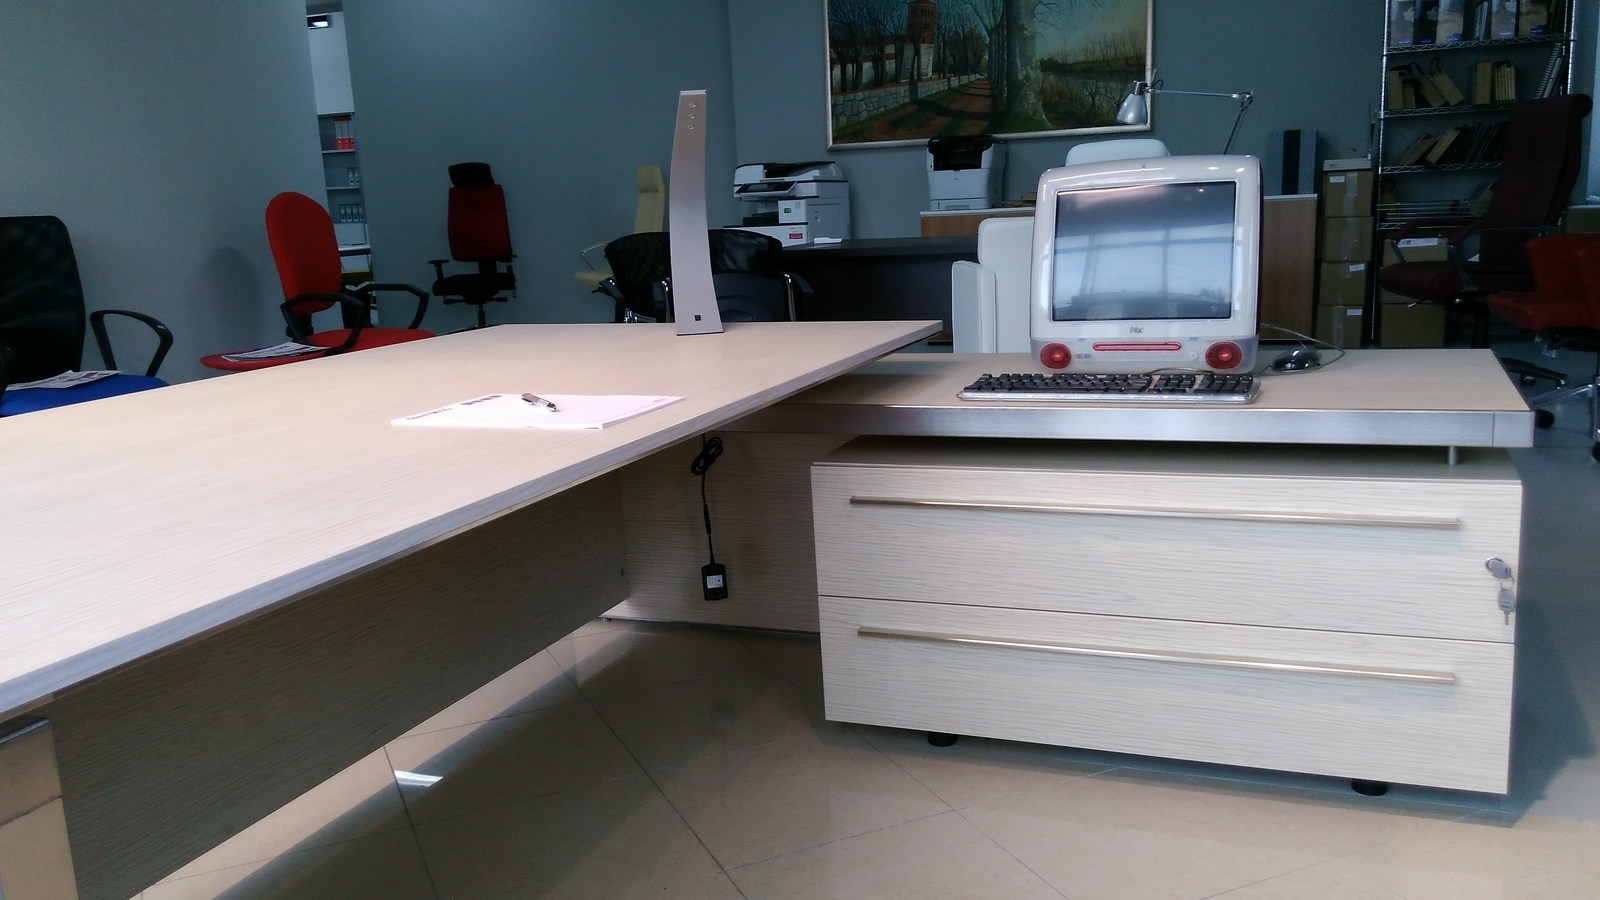 Las mobili per ufficio eos scrivanie legno arredo for Scrivanie per ufficio